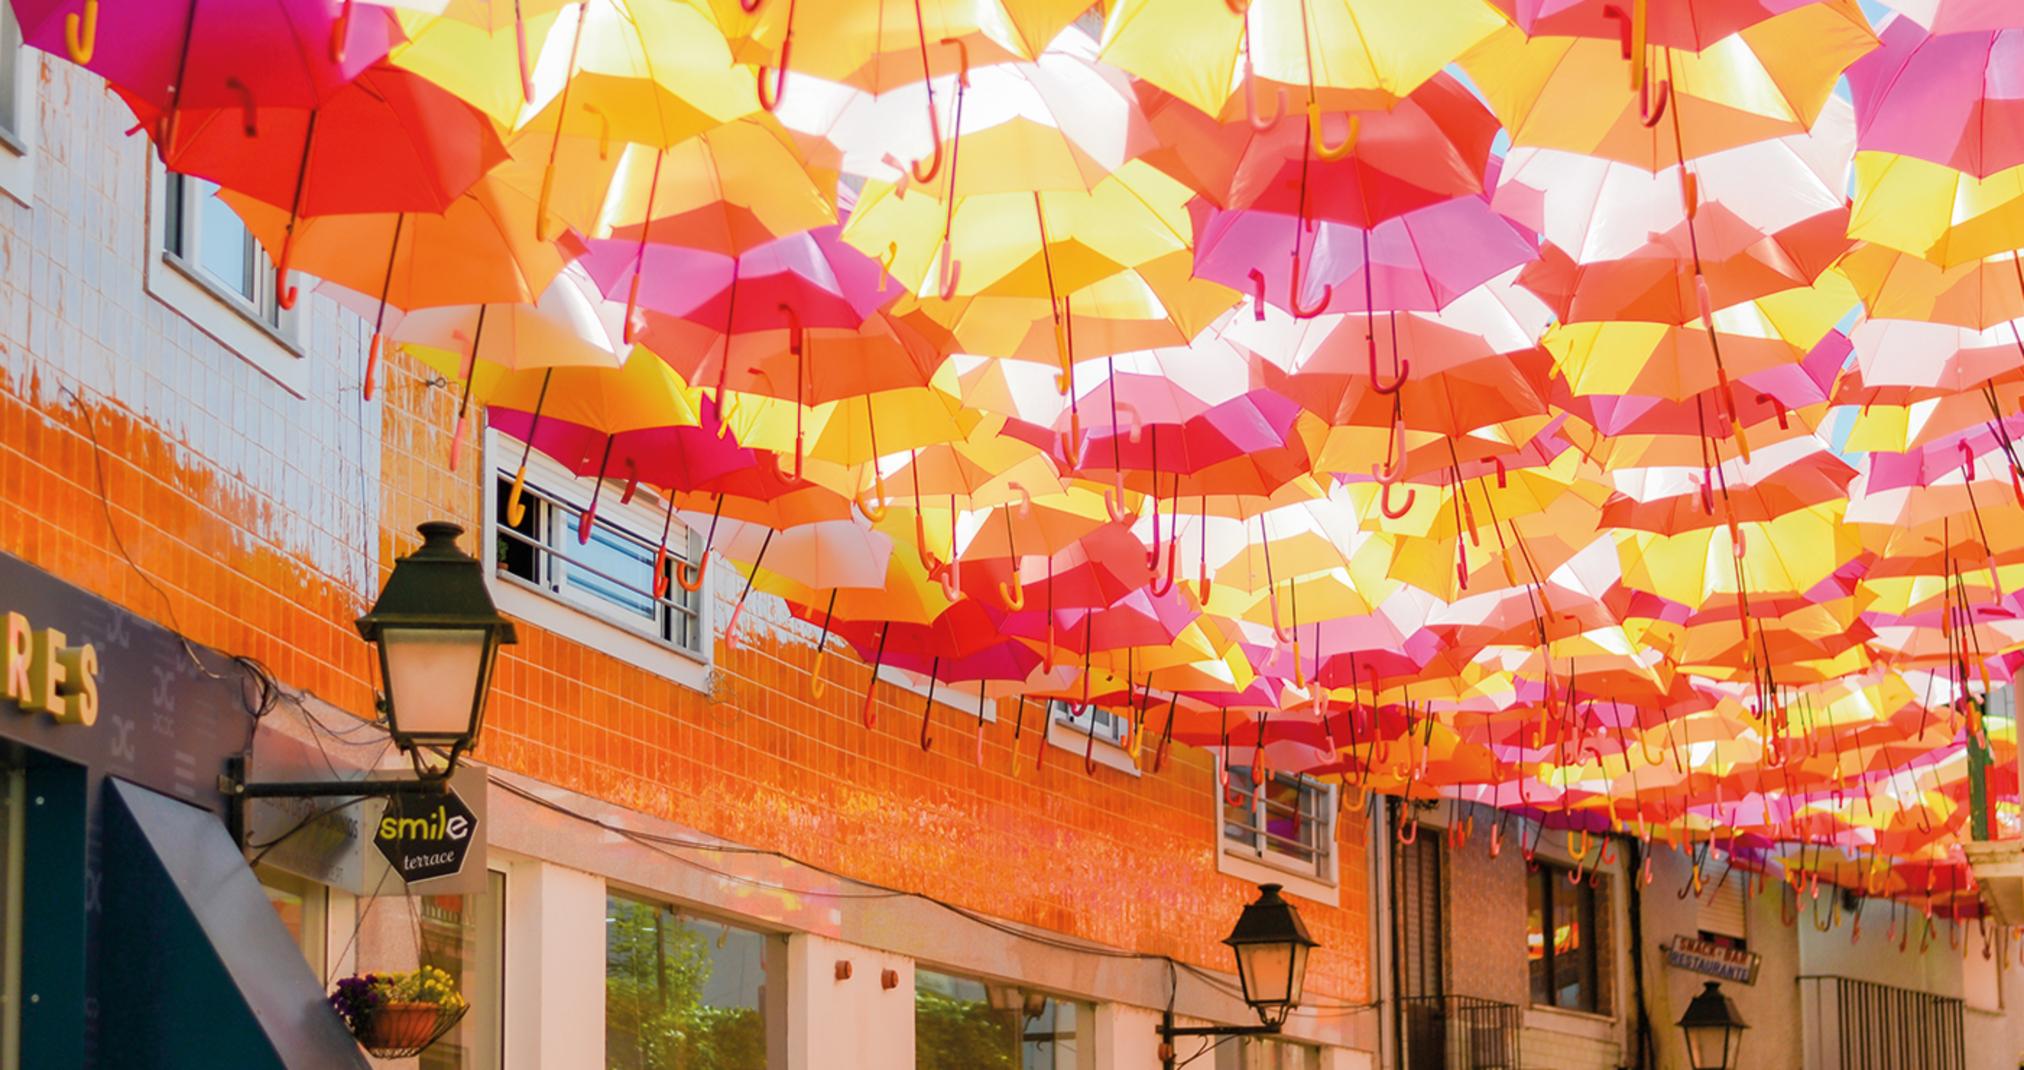 Umbrella Sky Project - Águeda'21